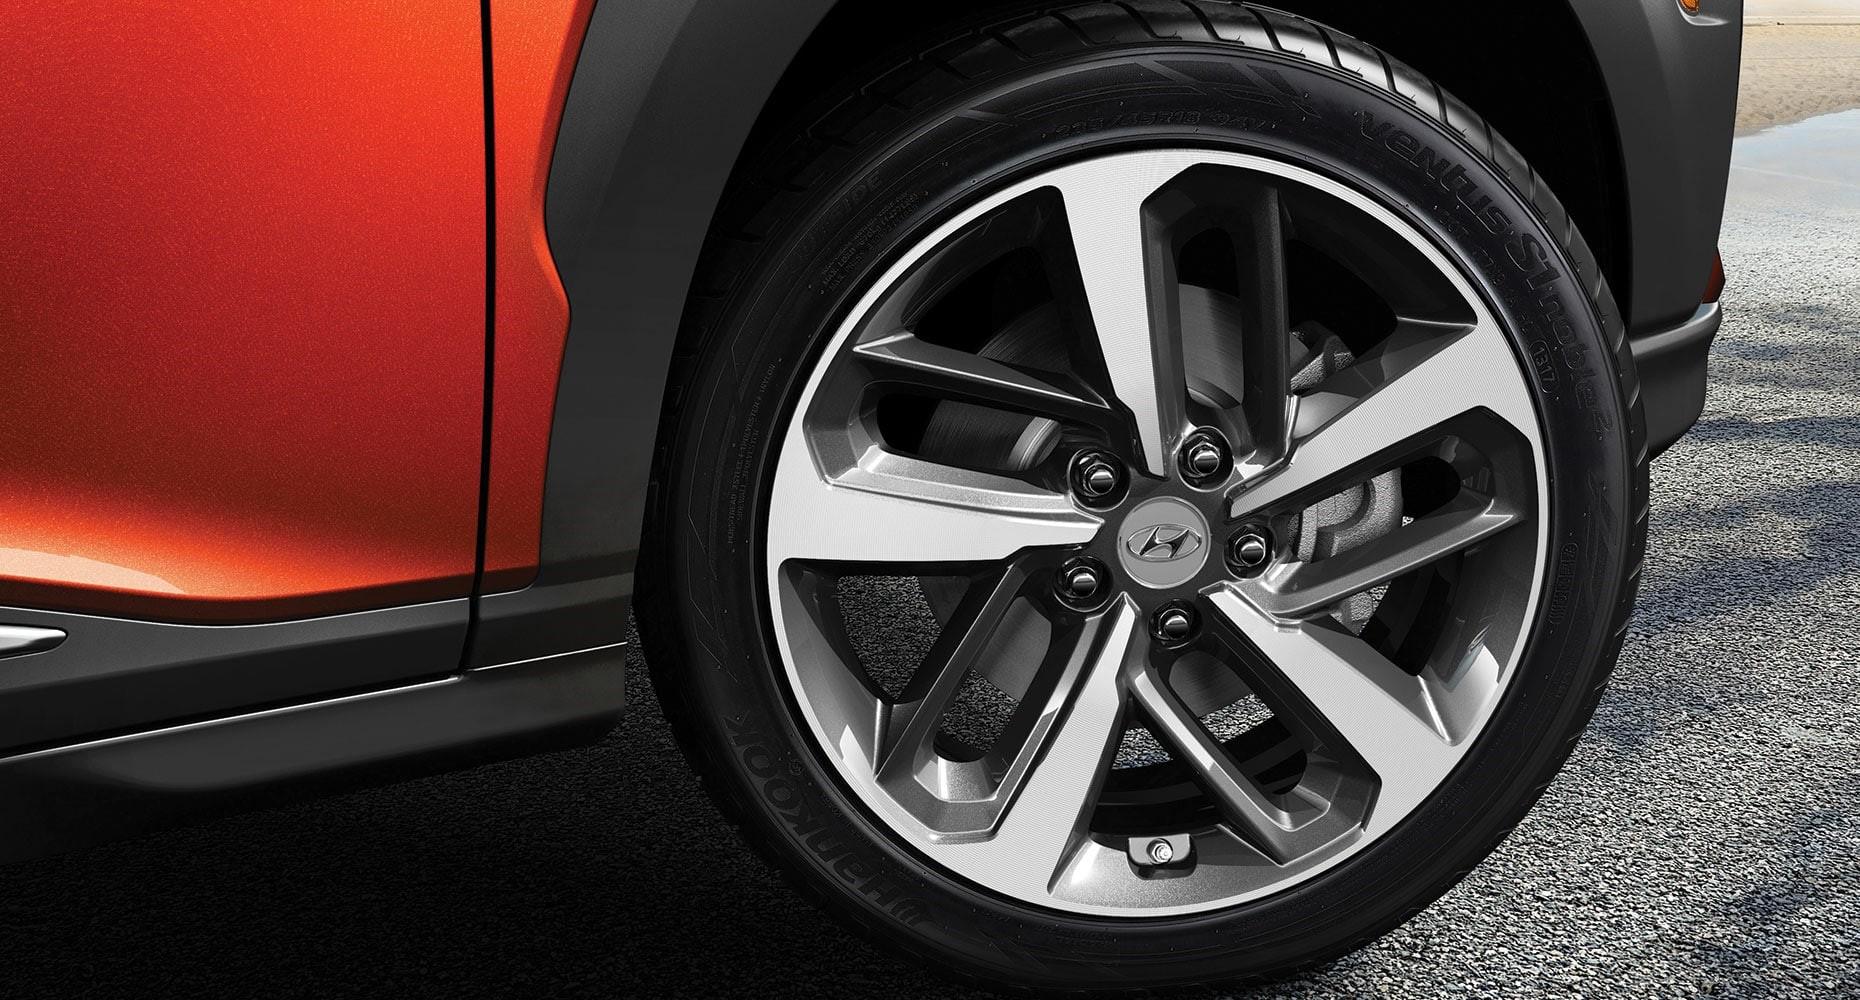 hyundai kona anh 5 - Hyundai Kona mới: giá xe và khuyến mãi tháng [hienthithang]/[hienthinam]